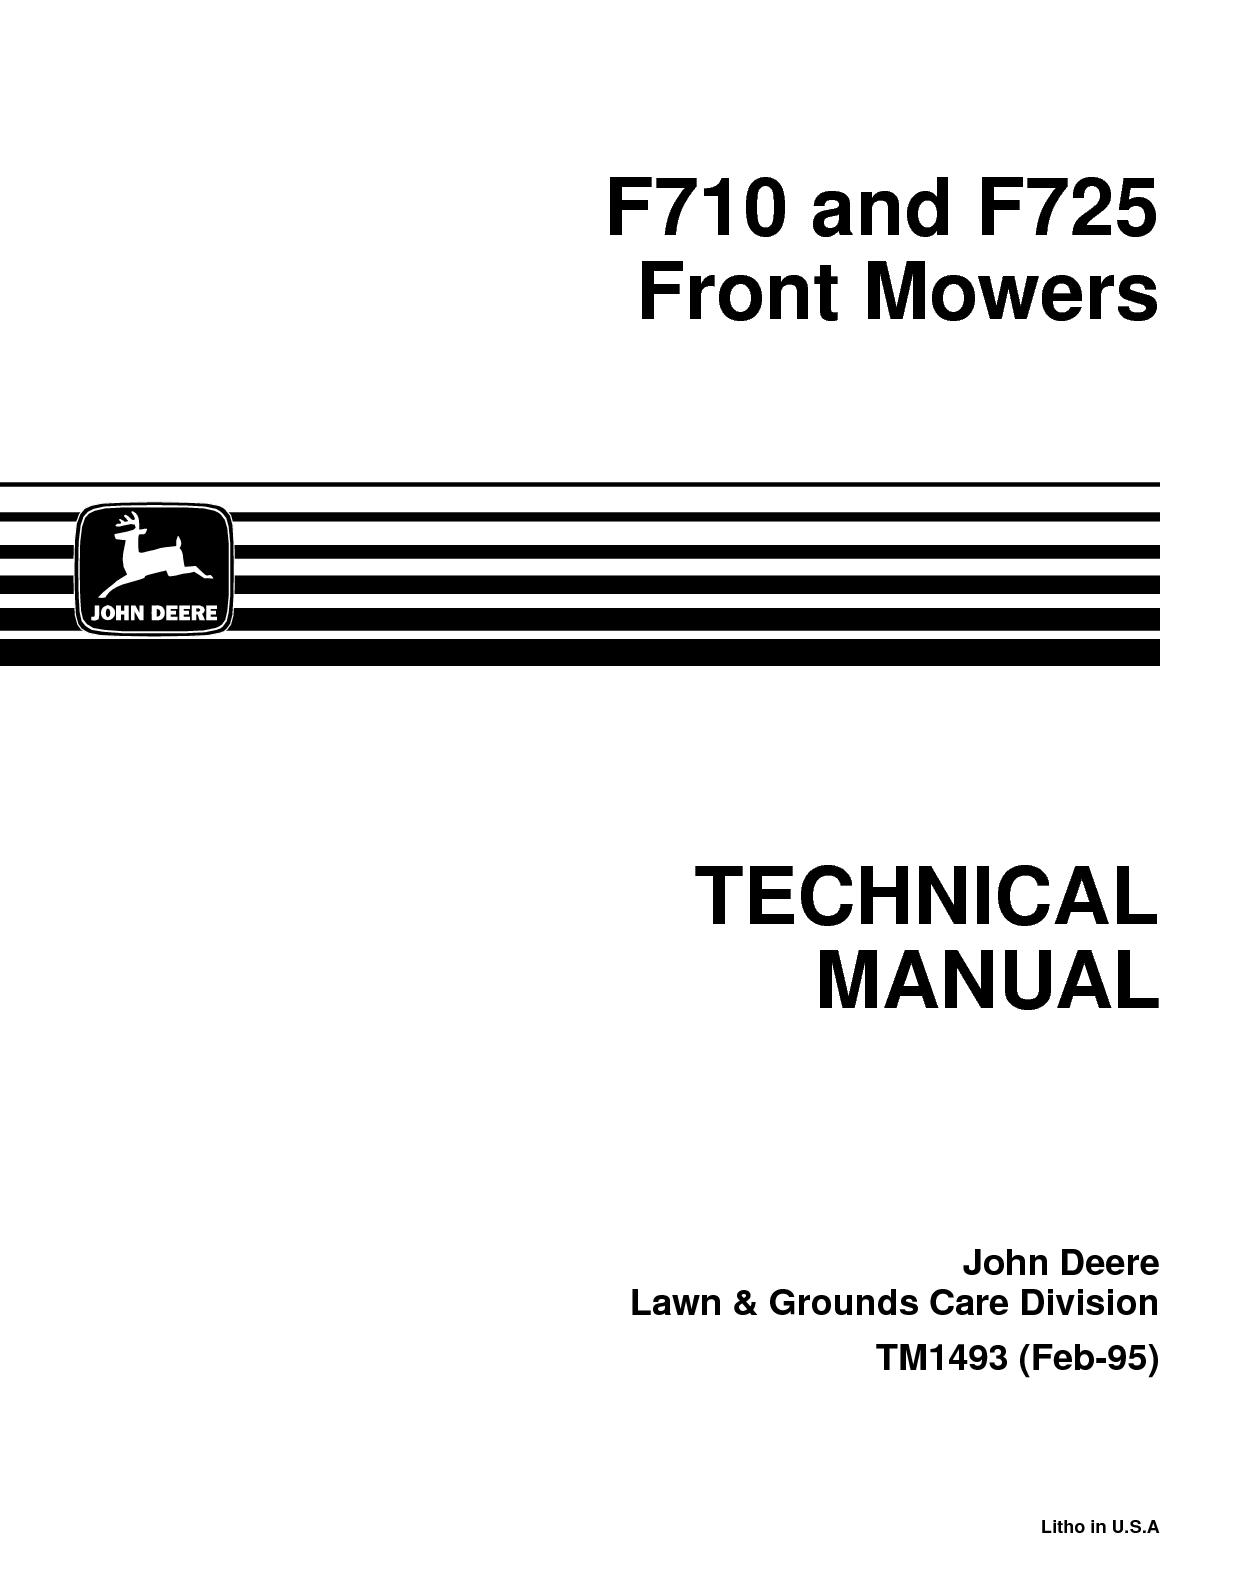 Calamo John Deere F725 Front Mower Service Repair Manual 270 Alternator Wiring Diagram